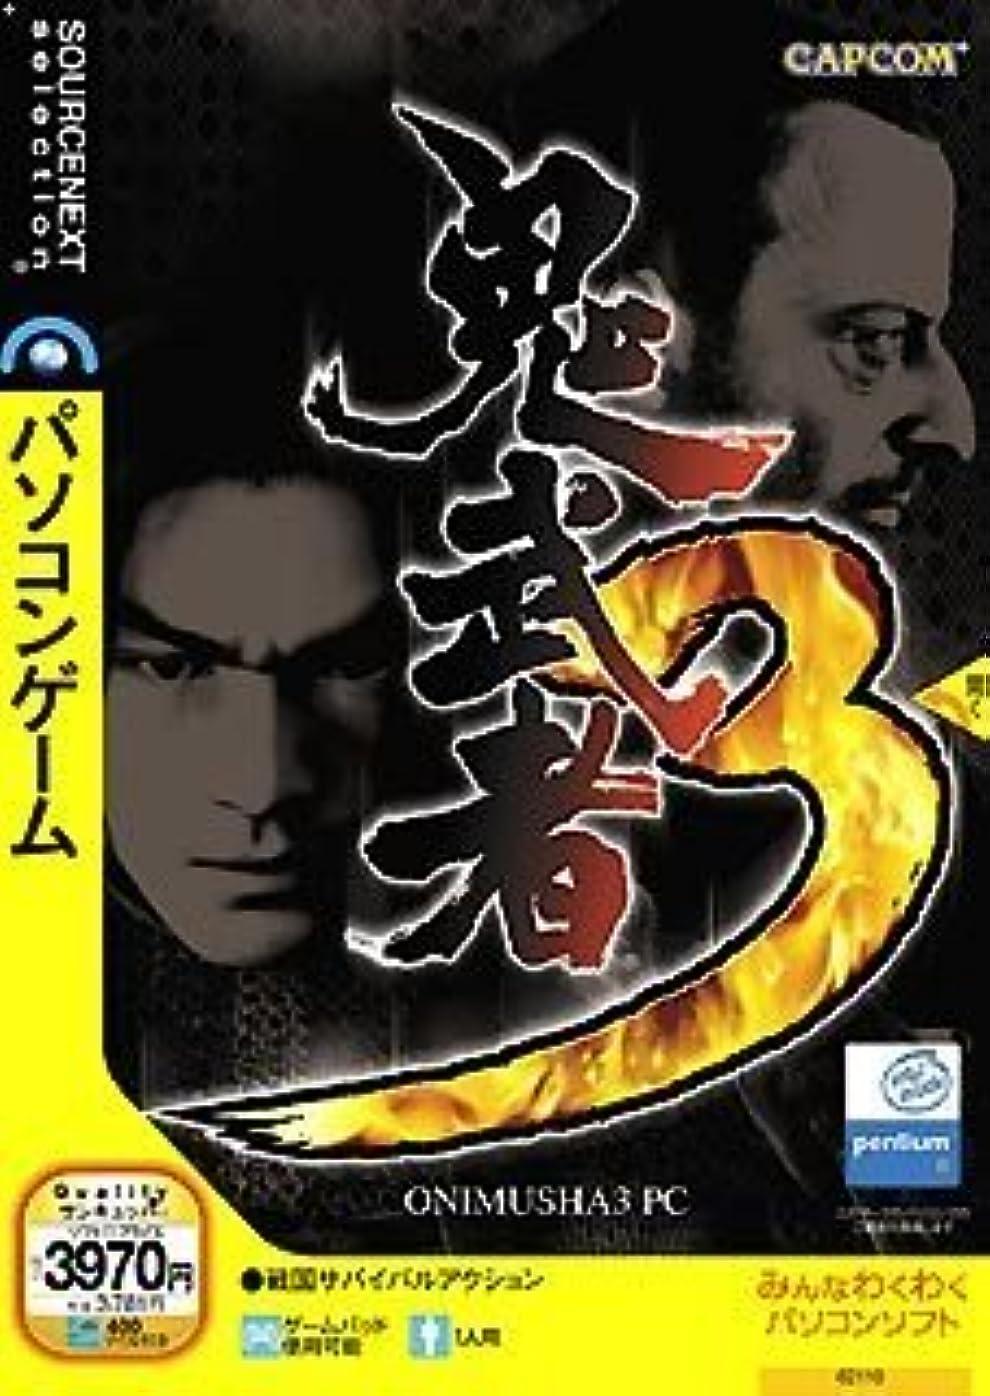 少数ささやき障害者鬼武者 3 PC (説明扉付きスリムパッケージ版)